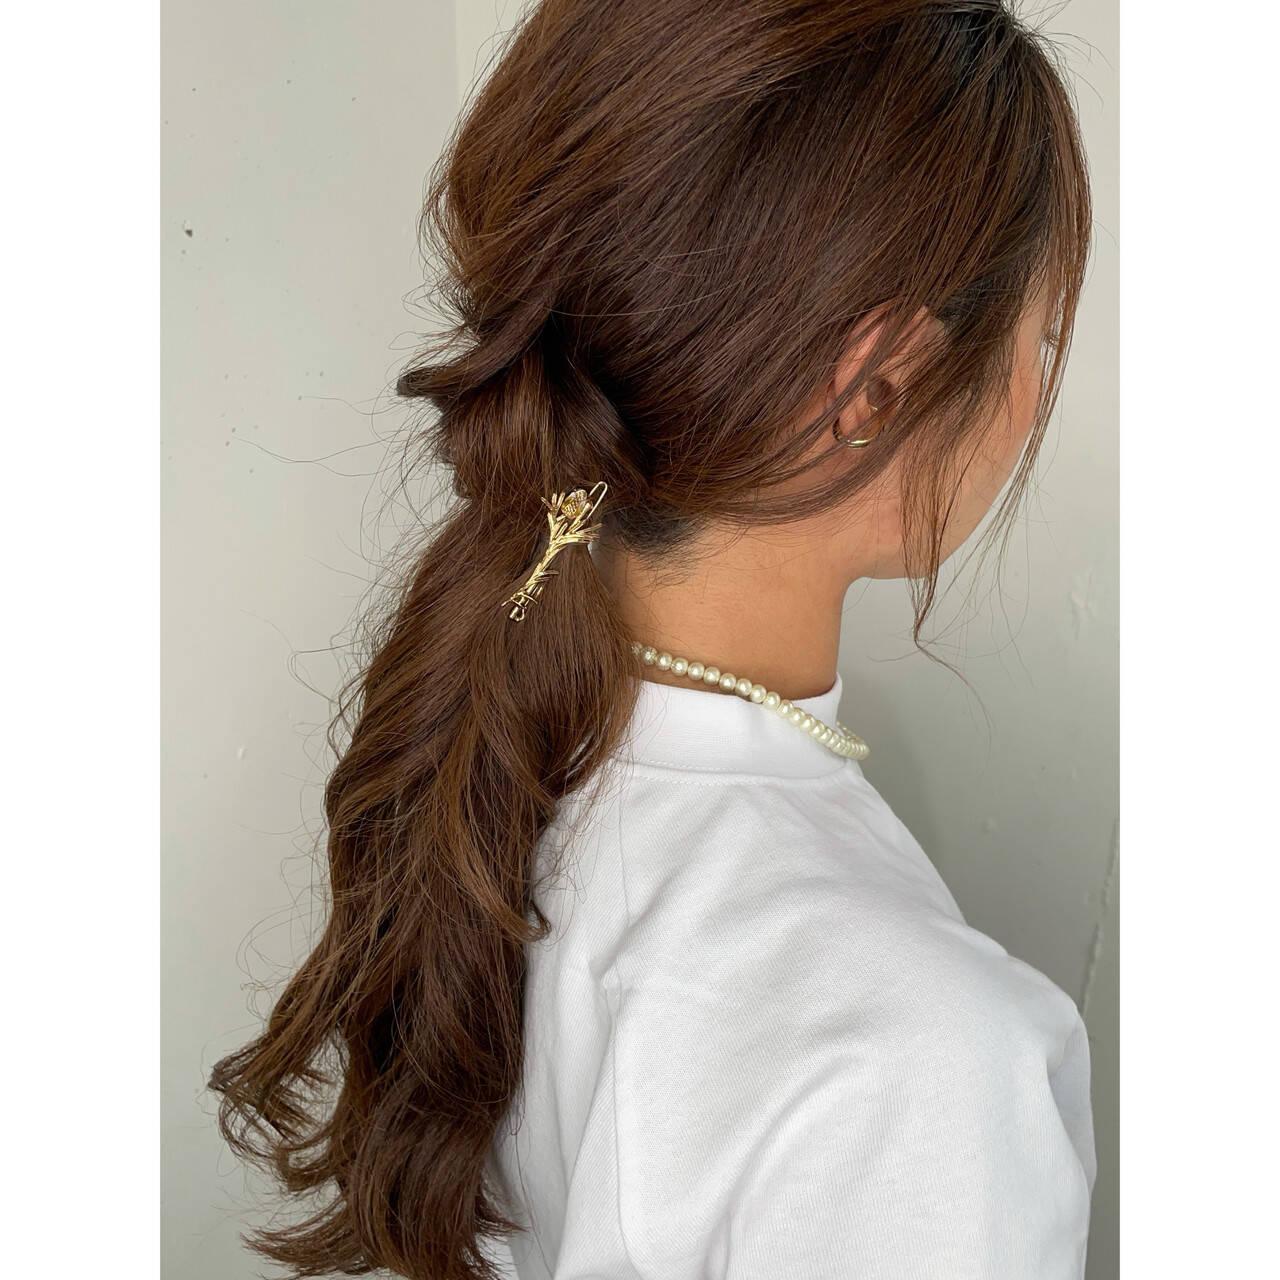 ロング ナチュラル 可愛い セルフヘアアレンジヘアスタイルや髪型の写真・画像